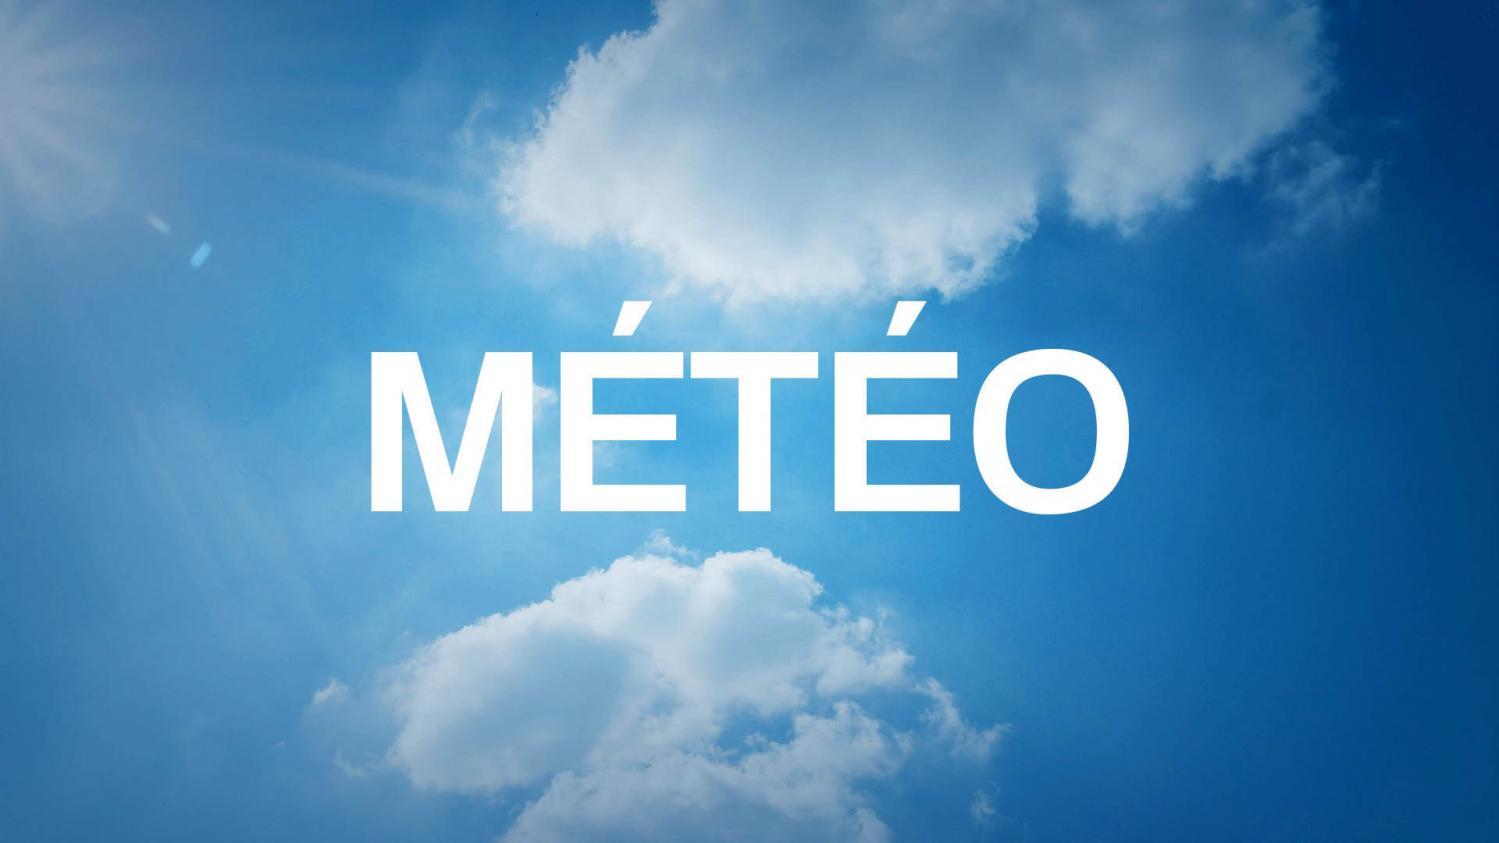 Bulletin météo du jeudi 11 juillet 2019 à 13h40 - Franceinfo